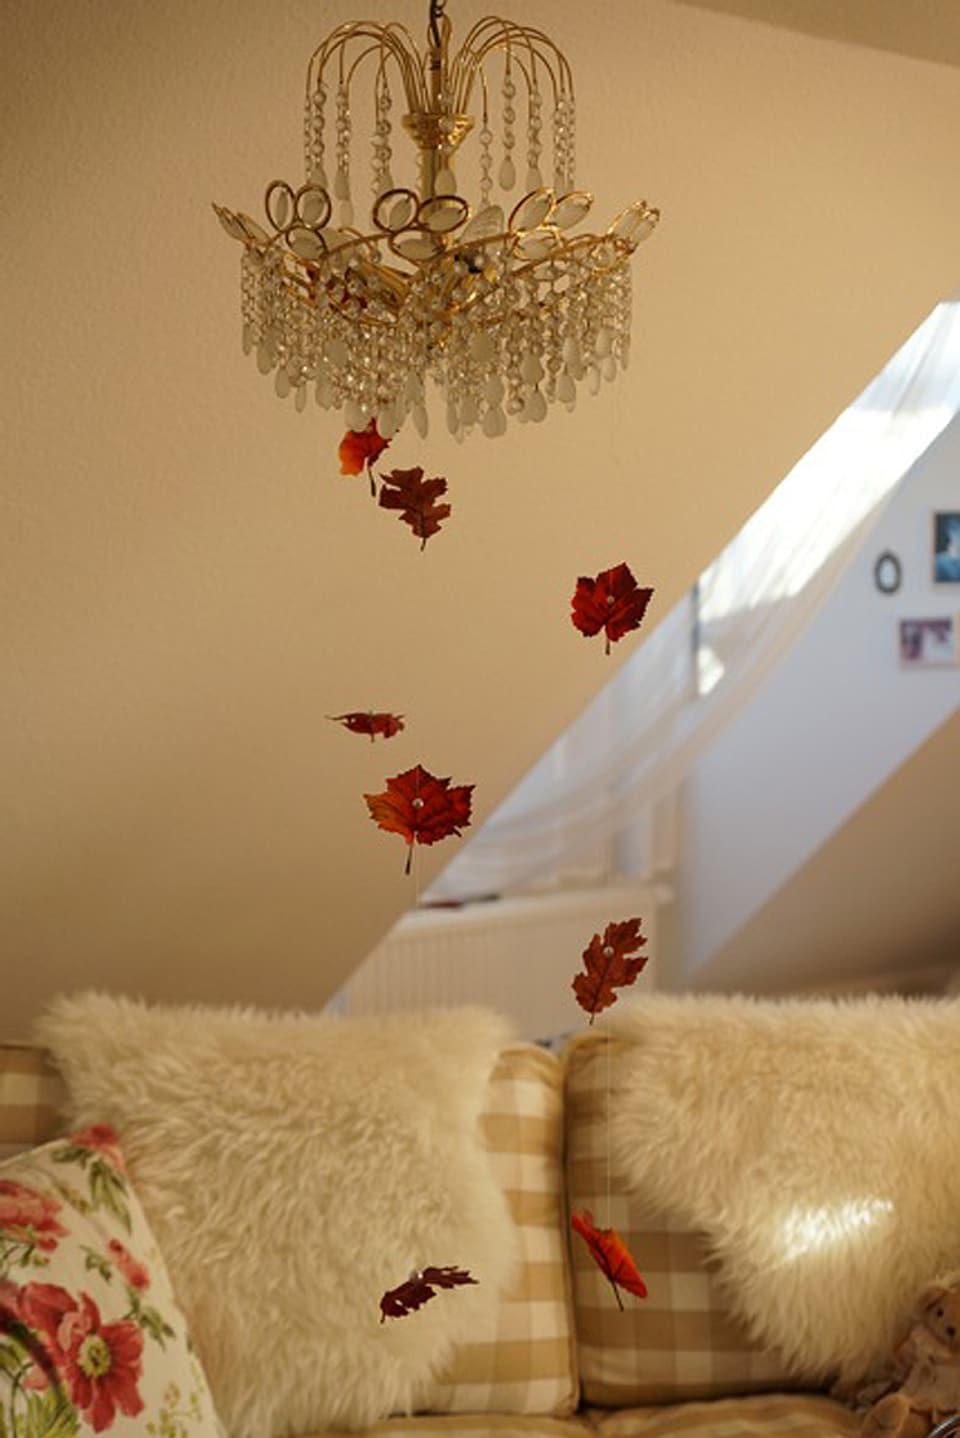 Farbige Herbstblätter schweben im Raum. Sie wurden auf einen Nylonfaden aufgezogen.